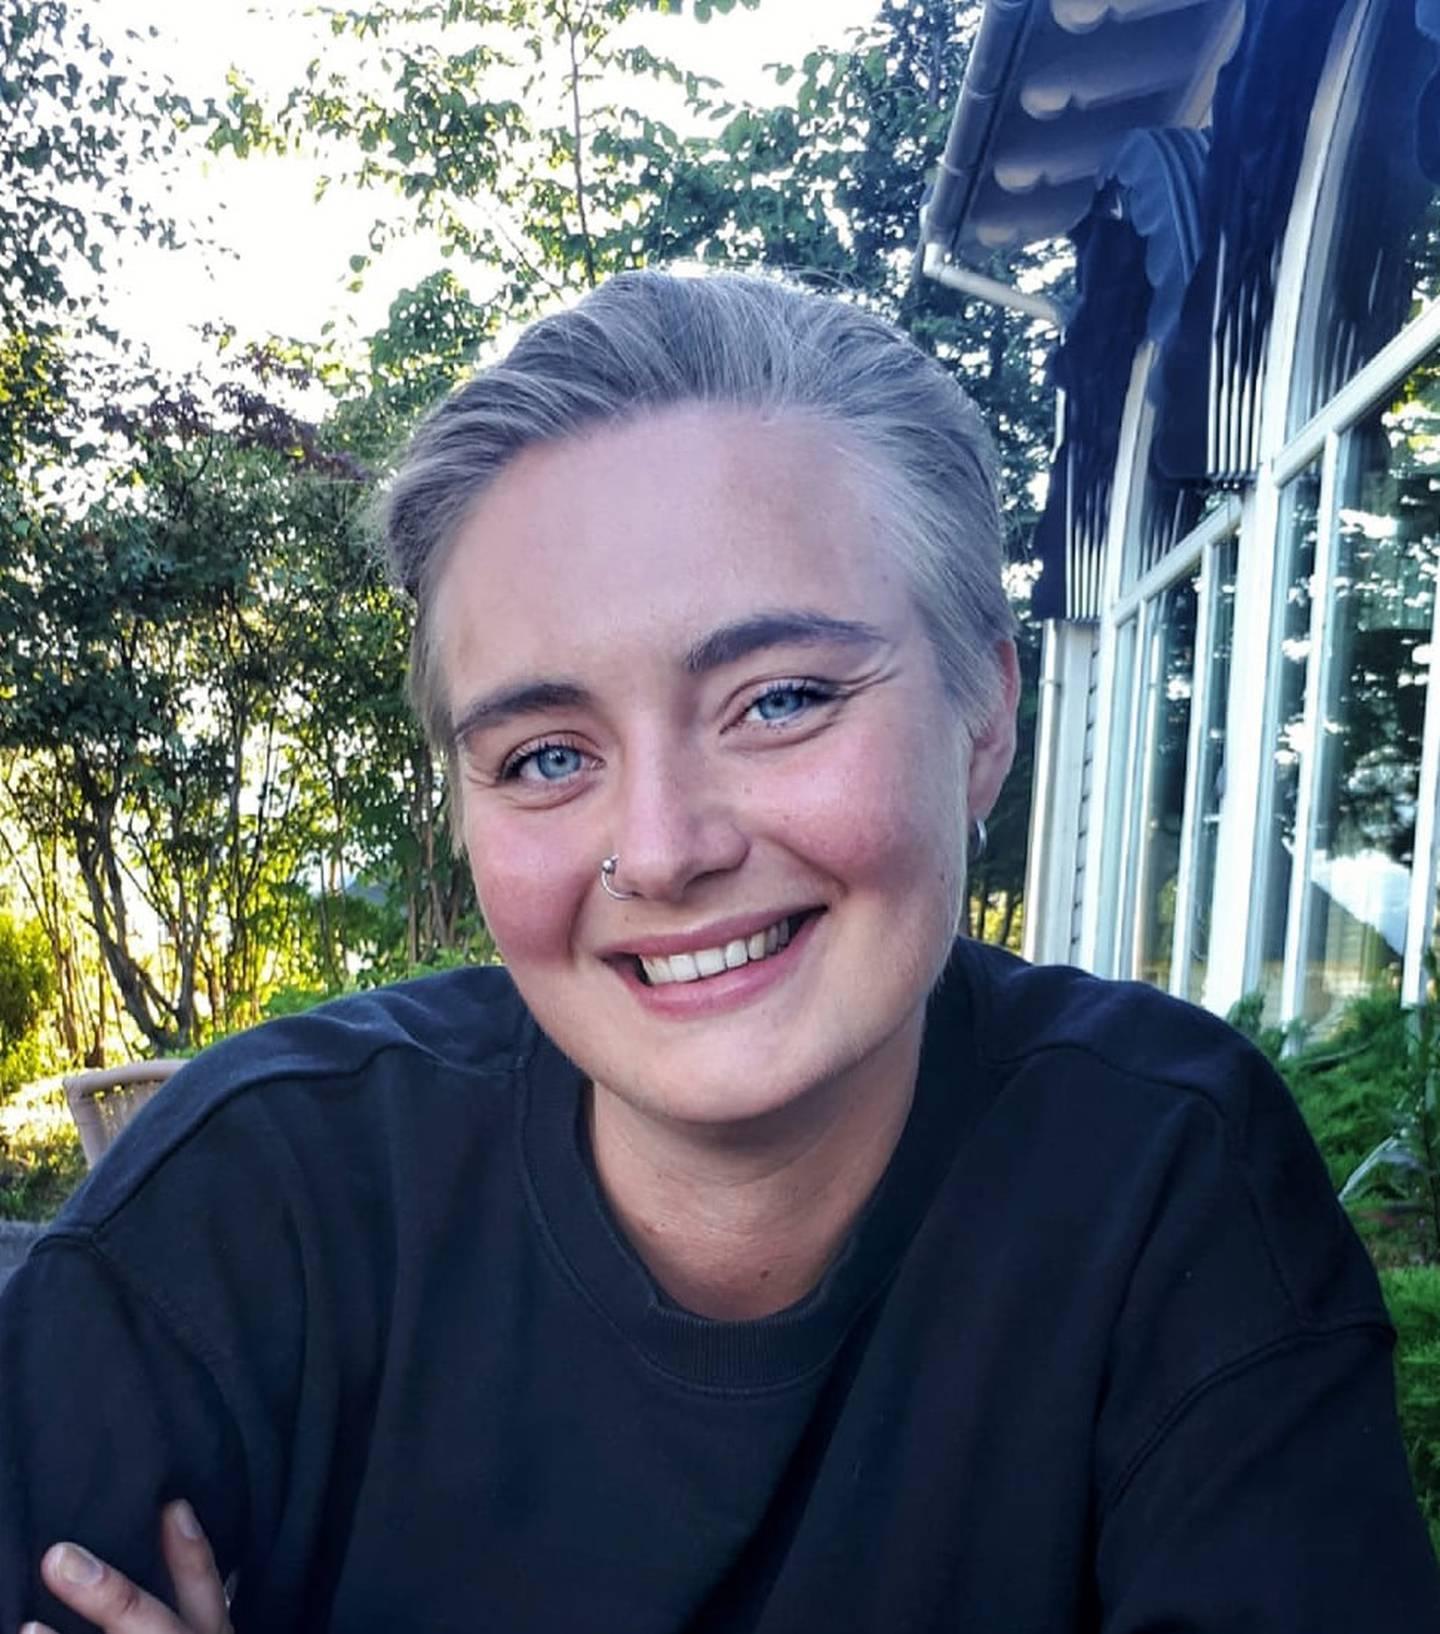 Maren Hagen Fuglesang, prosjektleder for Unge funksjonshemmede.